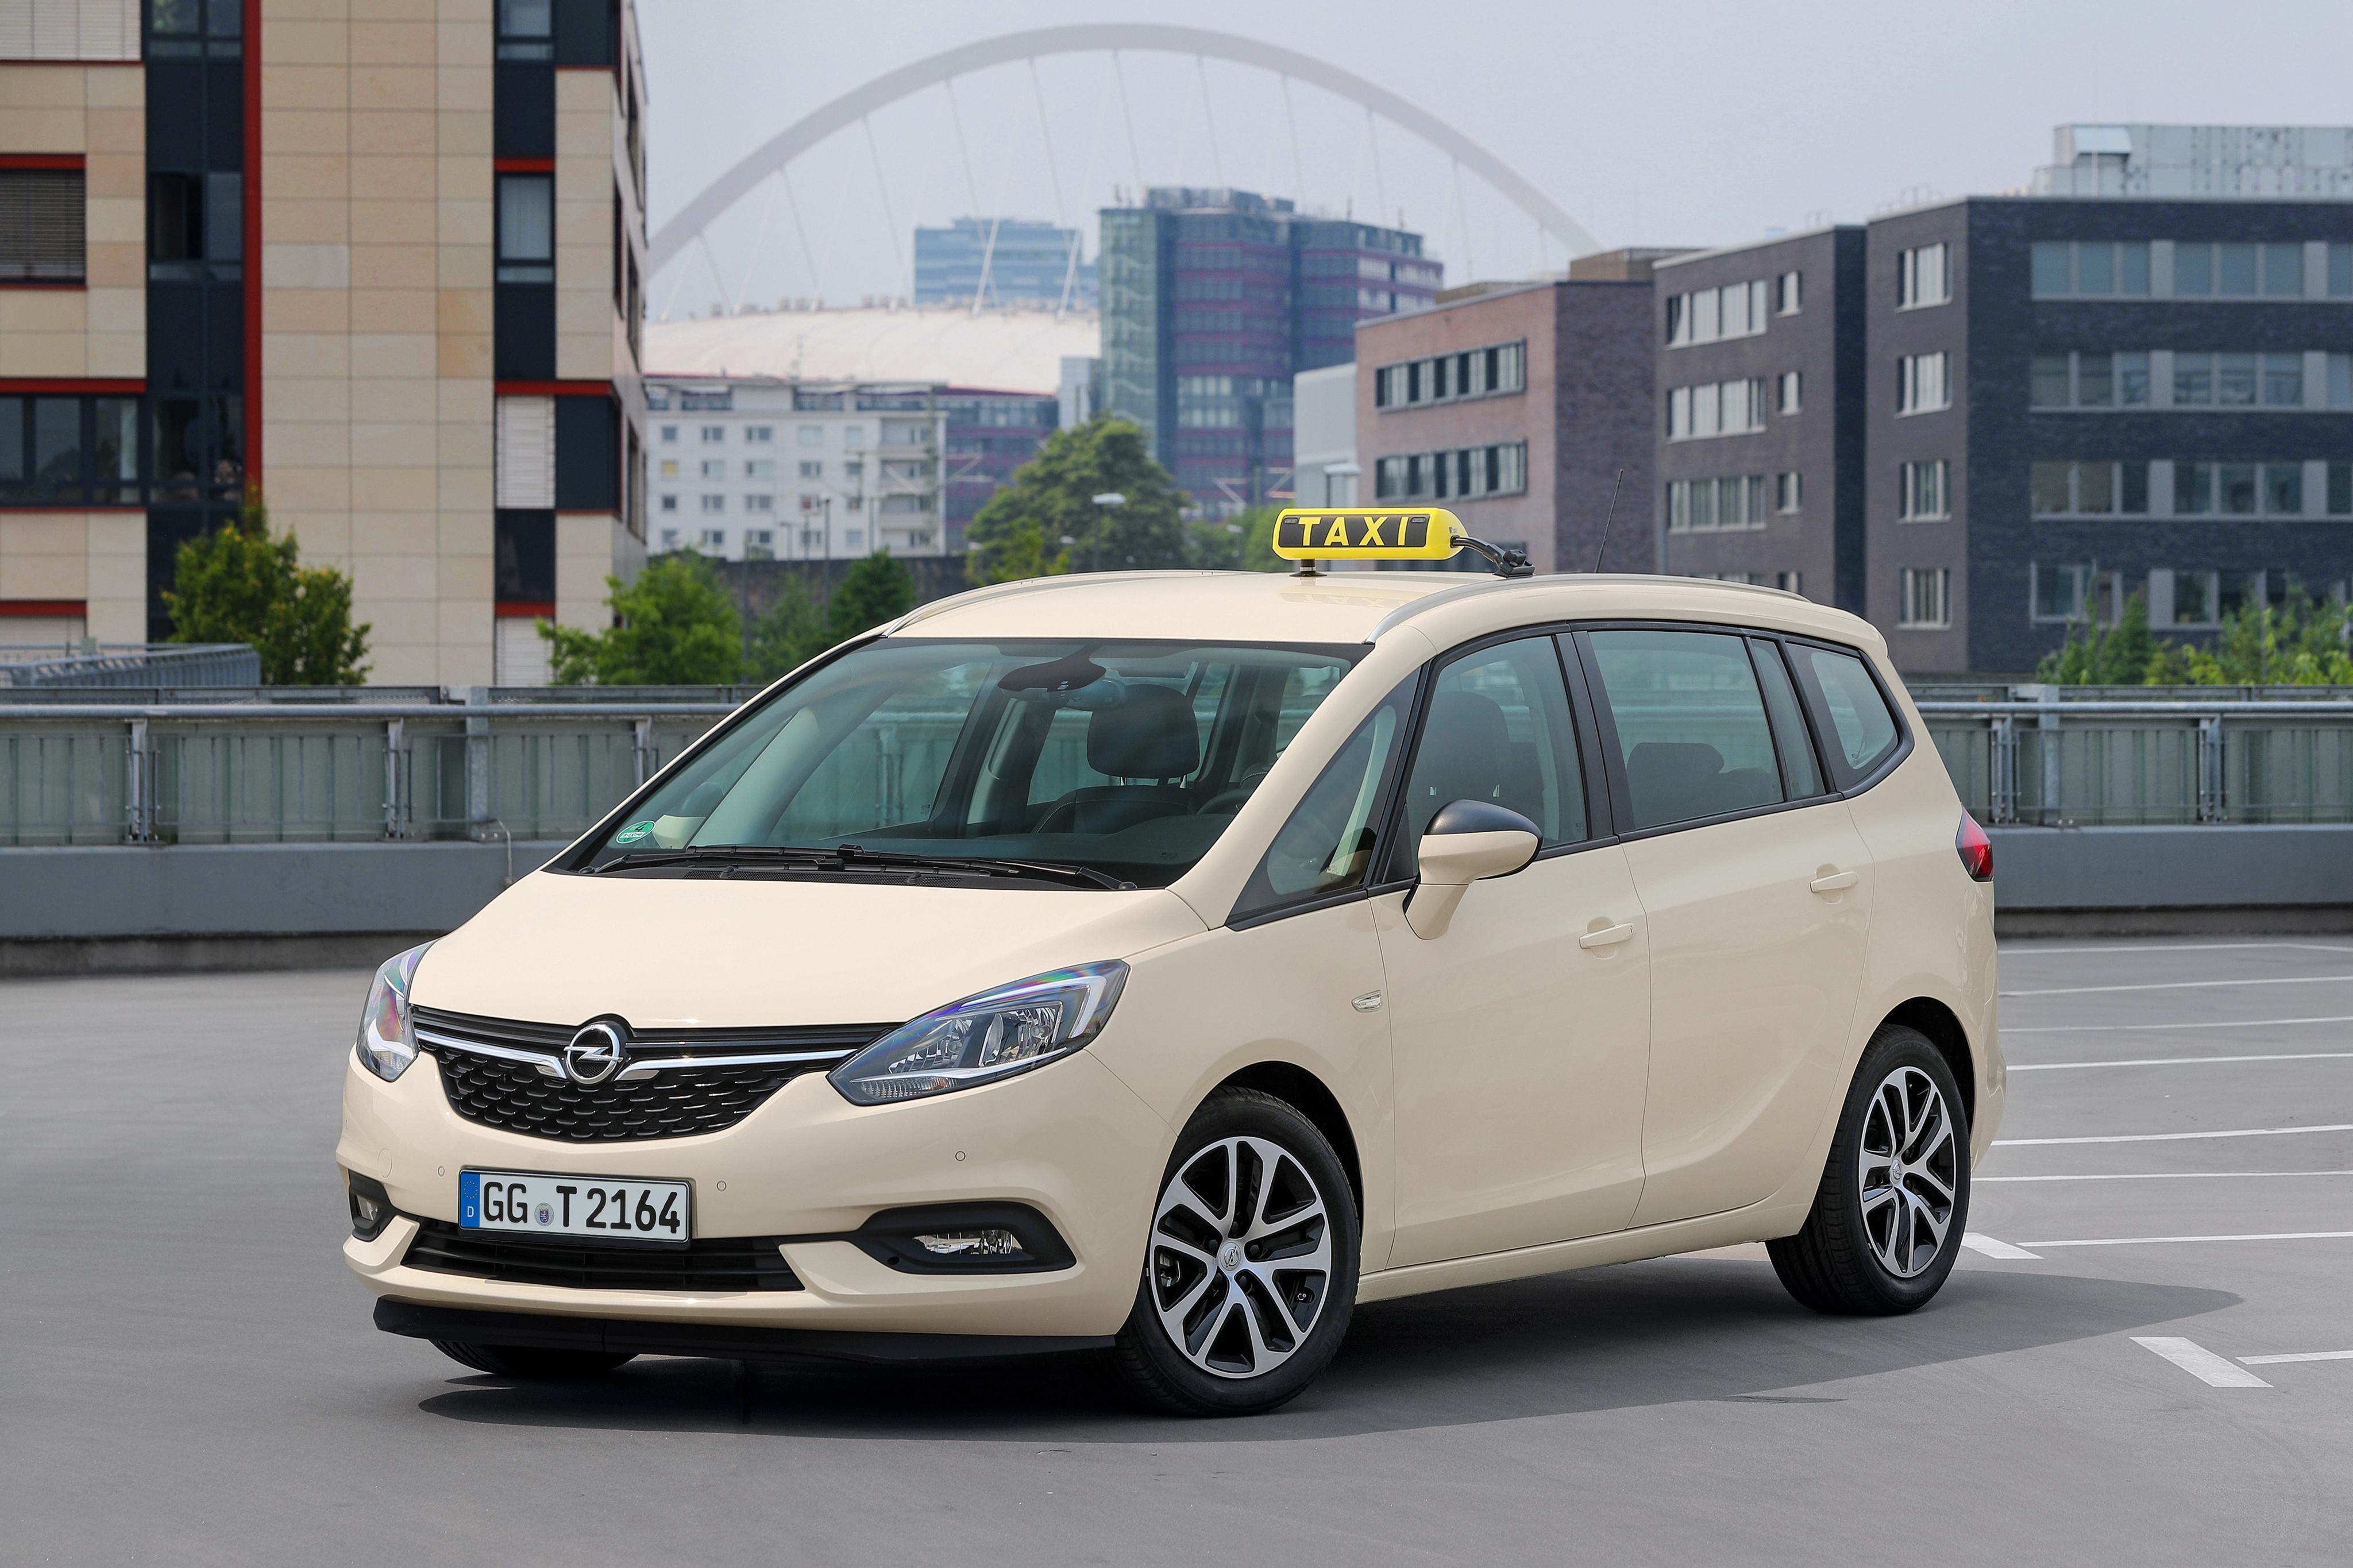 Bilde Opel taxi 2016-19 Zafira Taxi (C) Biler 4096x2730 Drosje bil automobil